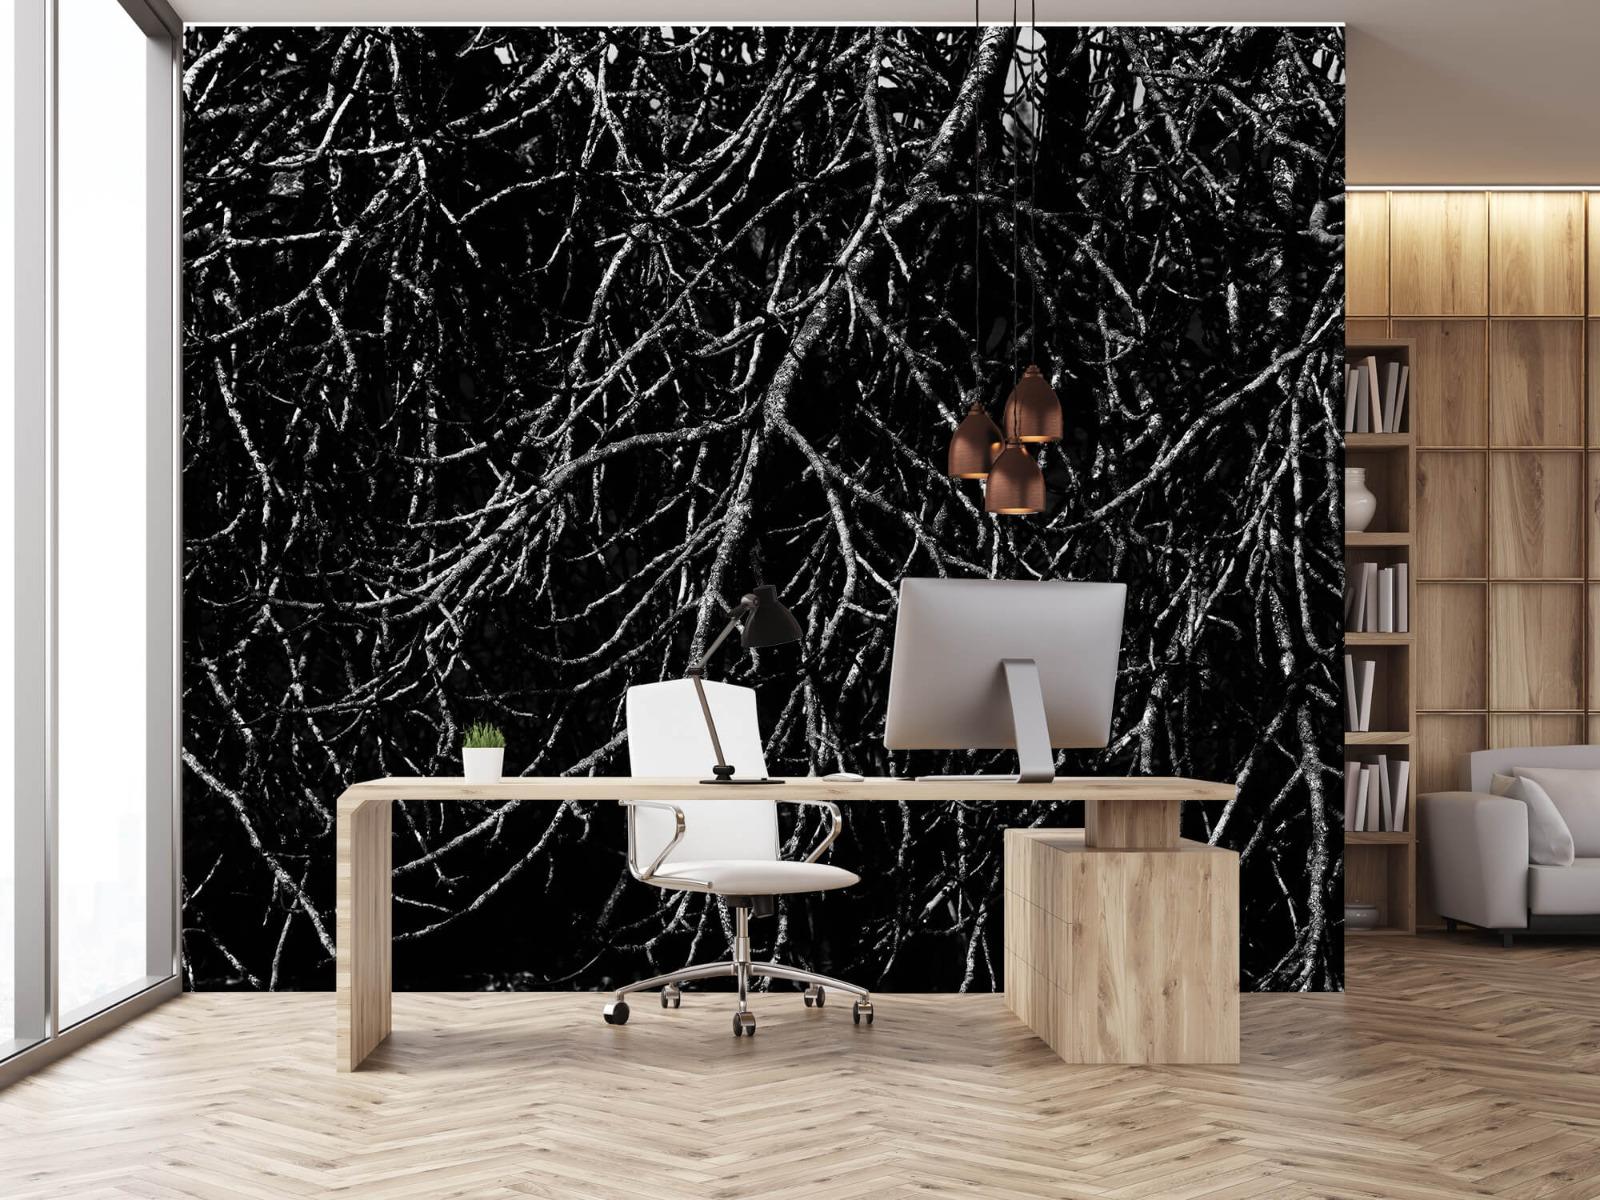 Zwart Wit behang - Boomtakken in zwart wit - Magazijn 24